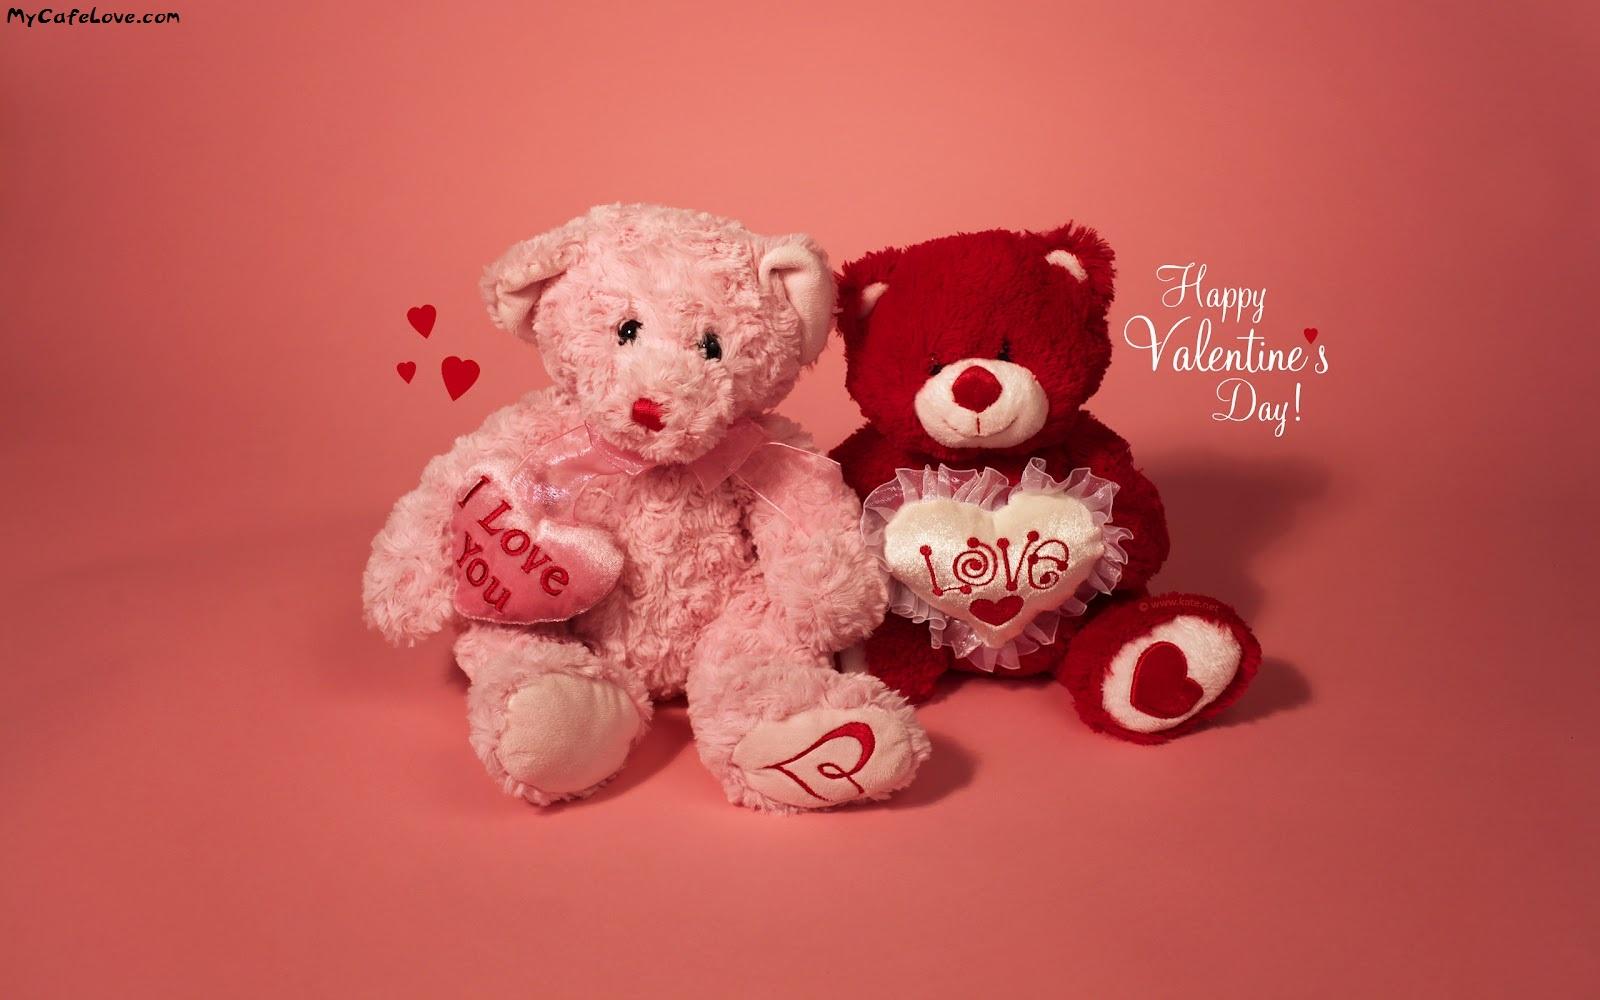 http://4.bp.blogspot.com/-7DBk--6JbR4/URE03DYX2AI/AAAAAAAAGX0/Kn4wu0MhqSo/s1600/teddy+bear.jpg